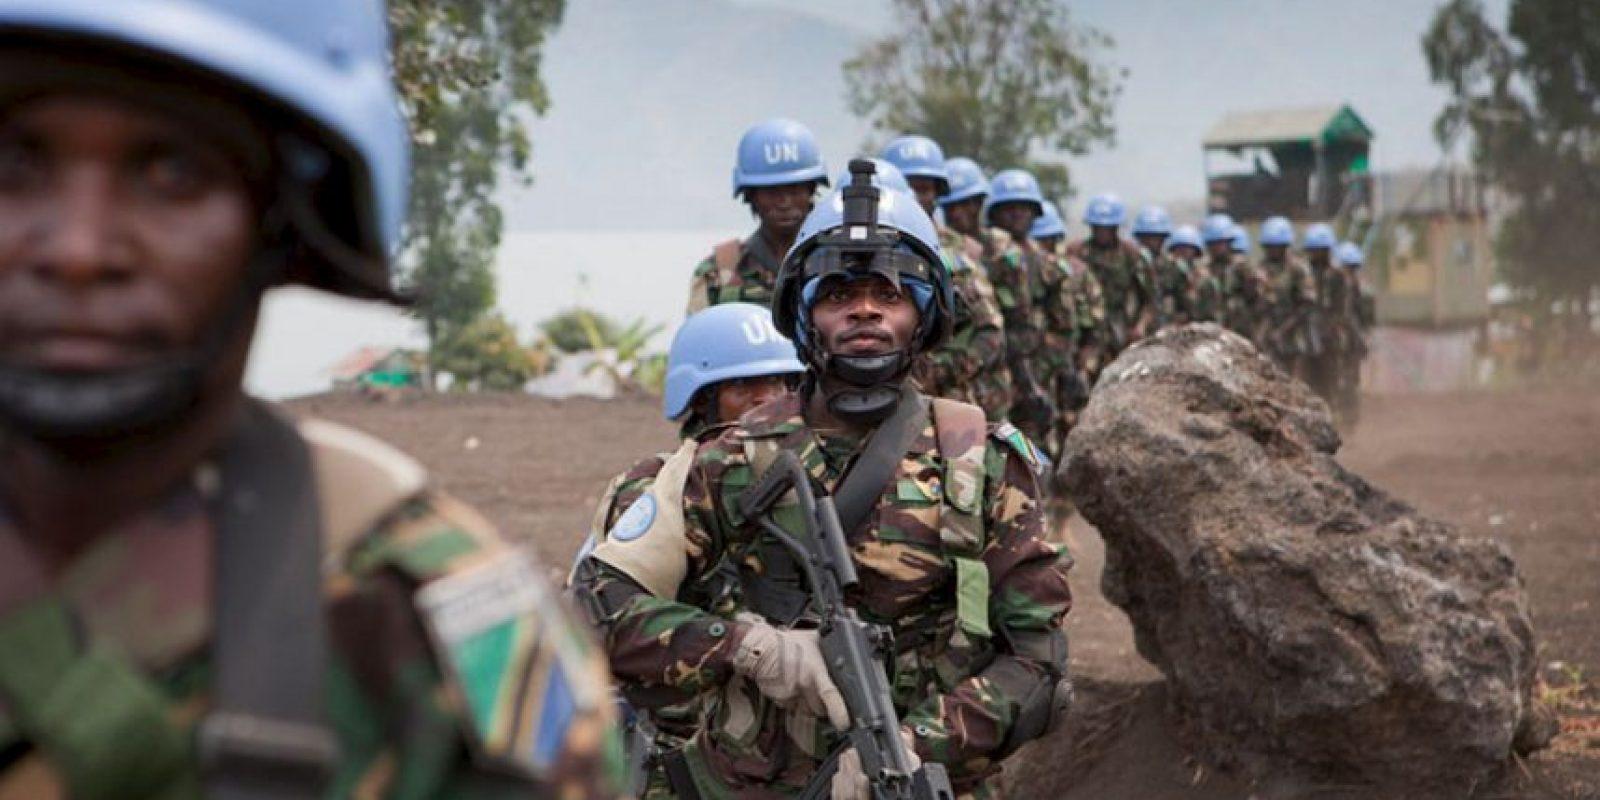 La Misión de las Naciones Unidas en la República Democrática del Congo (MONUC) es la misión de fuerzas de paz establecida por el Consejo de Seguridad. Foto:Vía // un.org